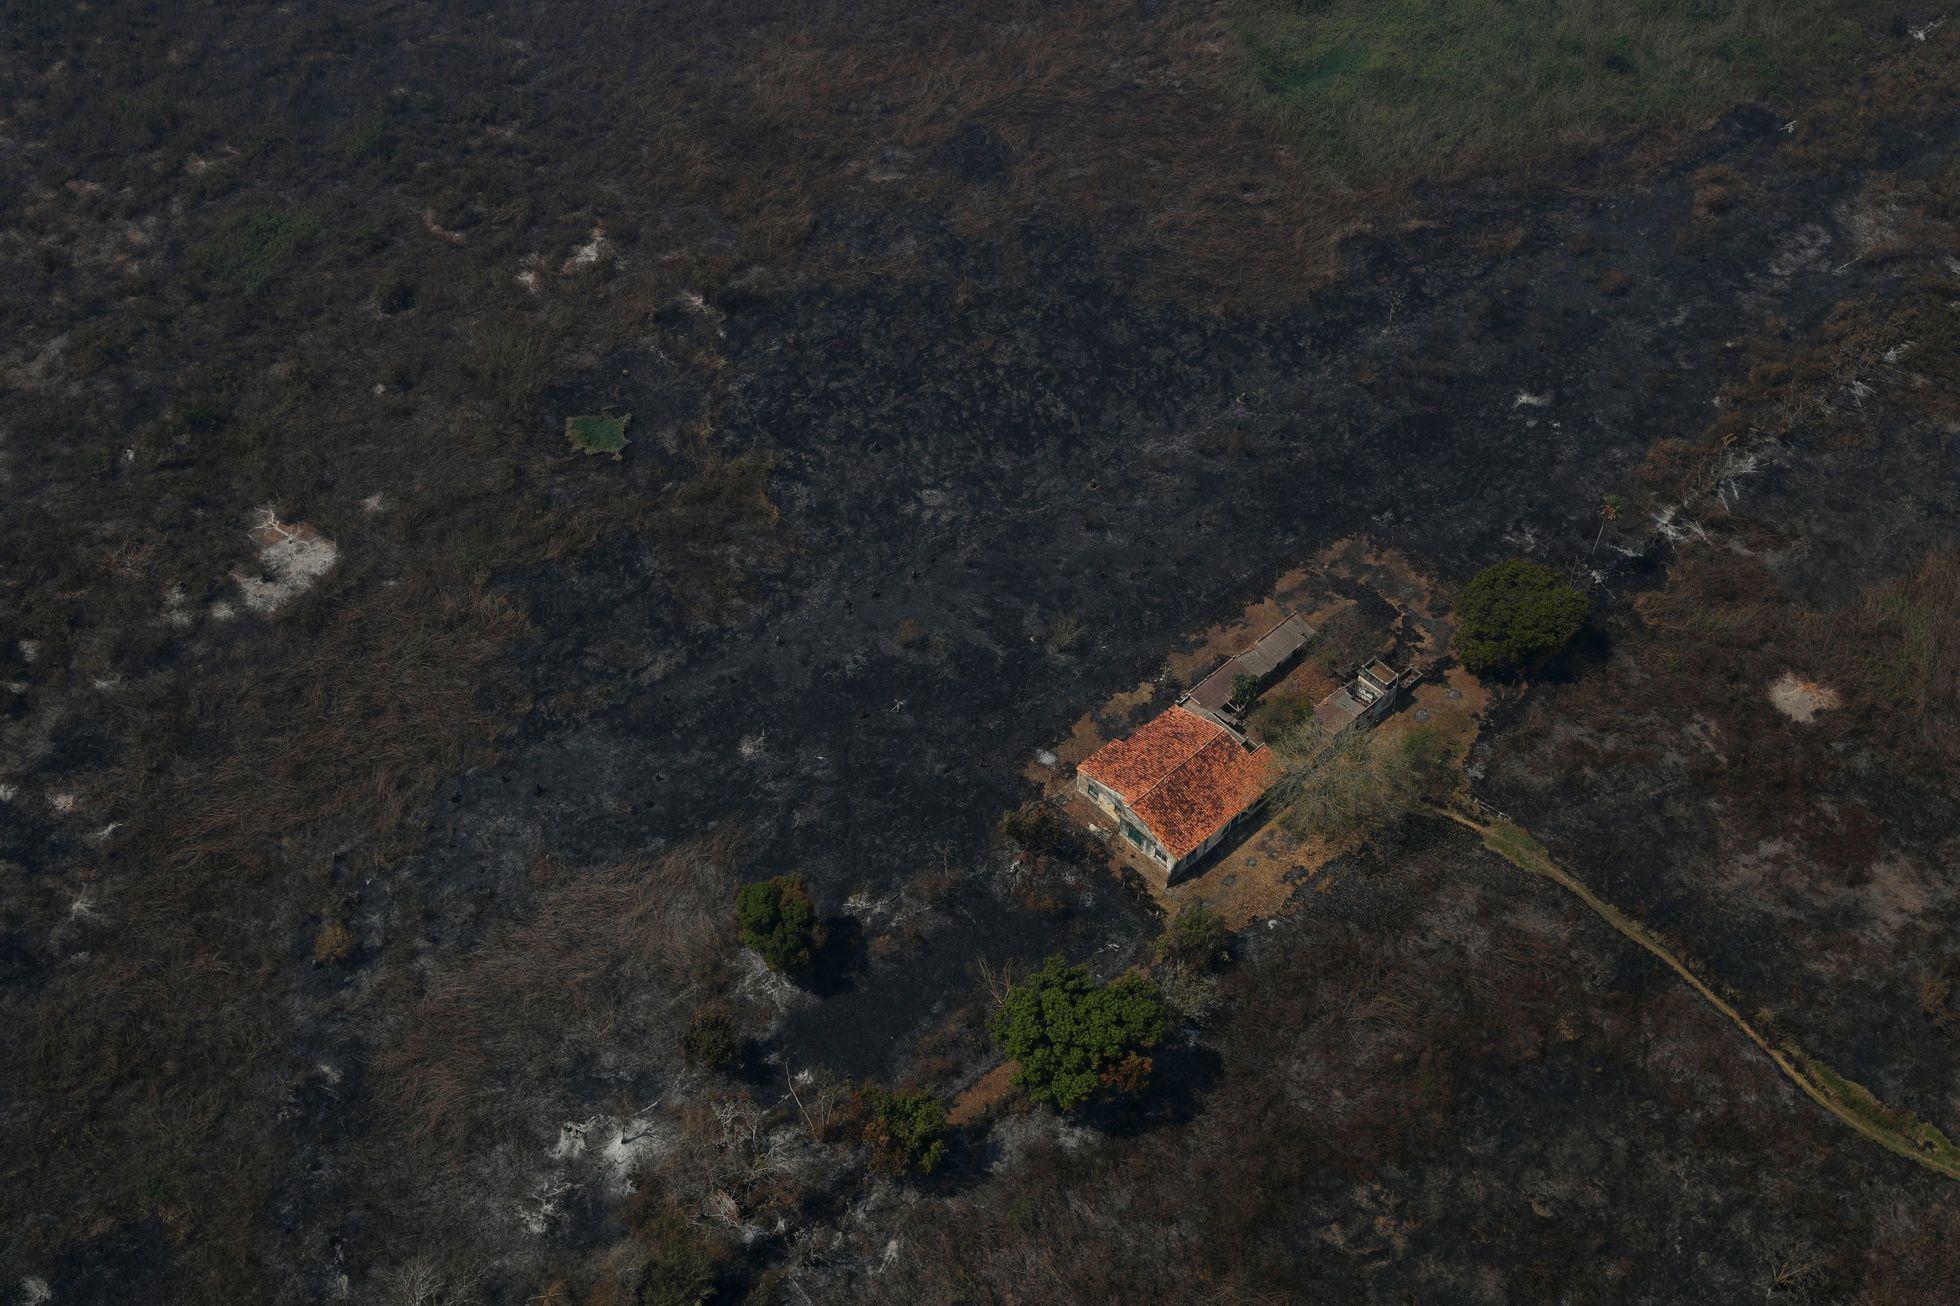 Místo toho teď přišel oheň. Nejvíce požárů od konce 90. let, kdy se začalo s jejich monitorováním.